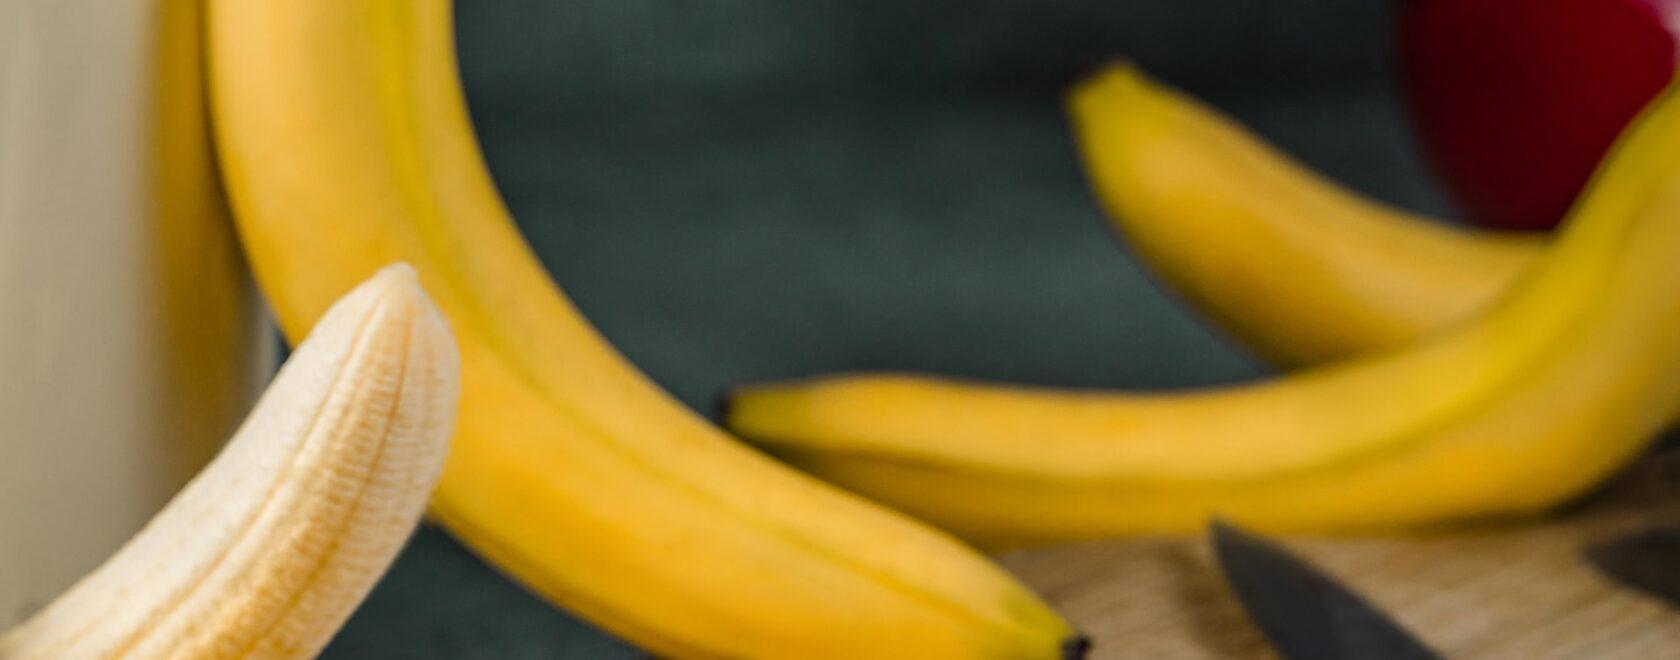 czy banany tuczą czy nie